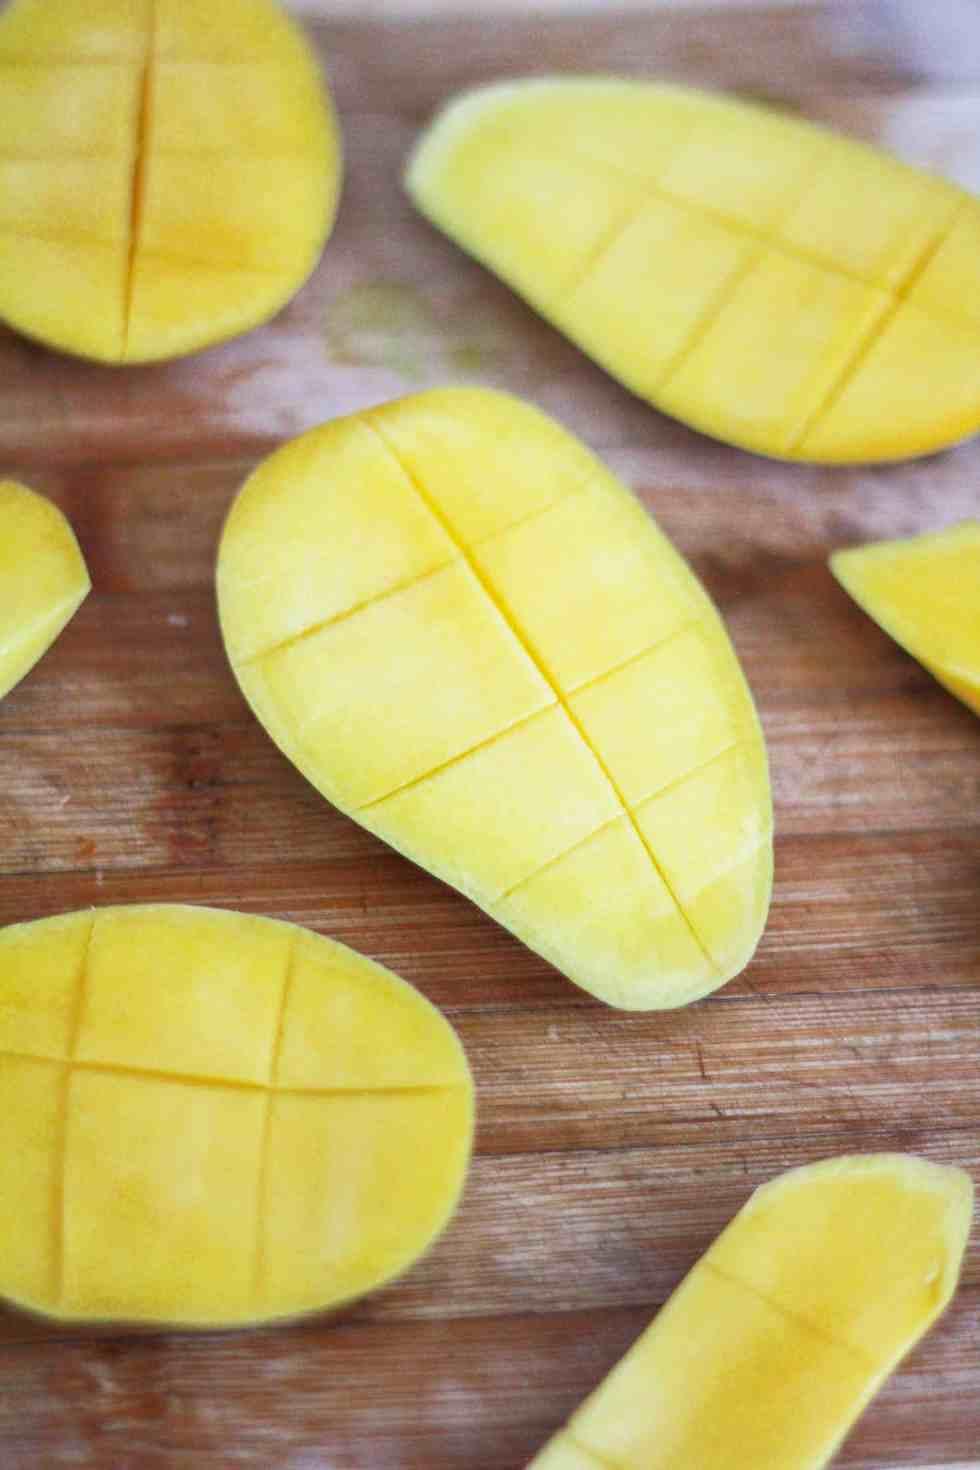 Scored mangoes illustrating how to dice a fresh mango.